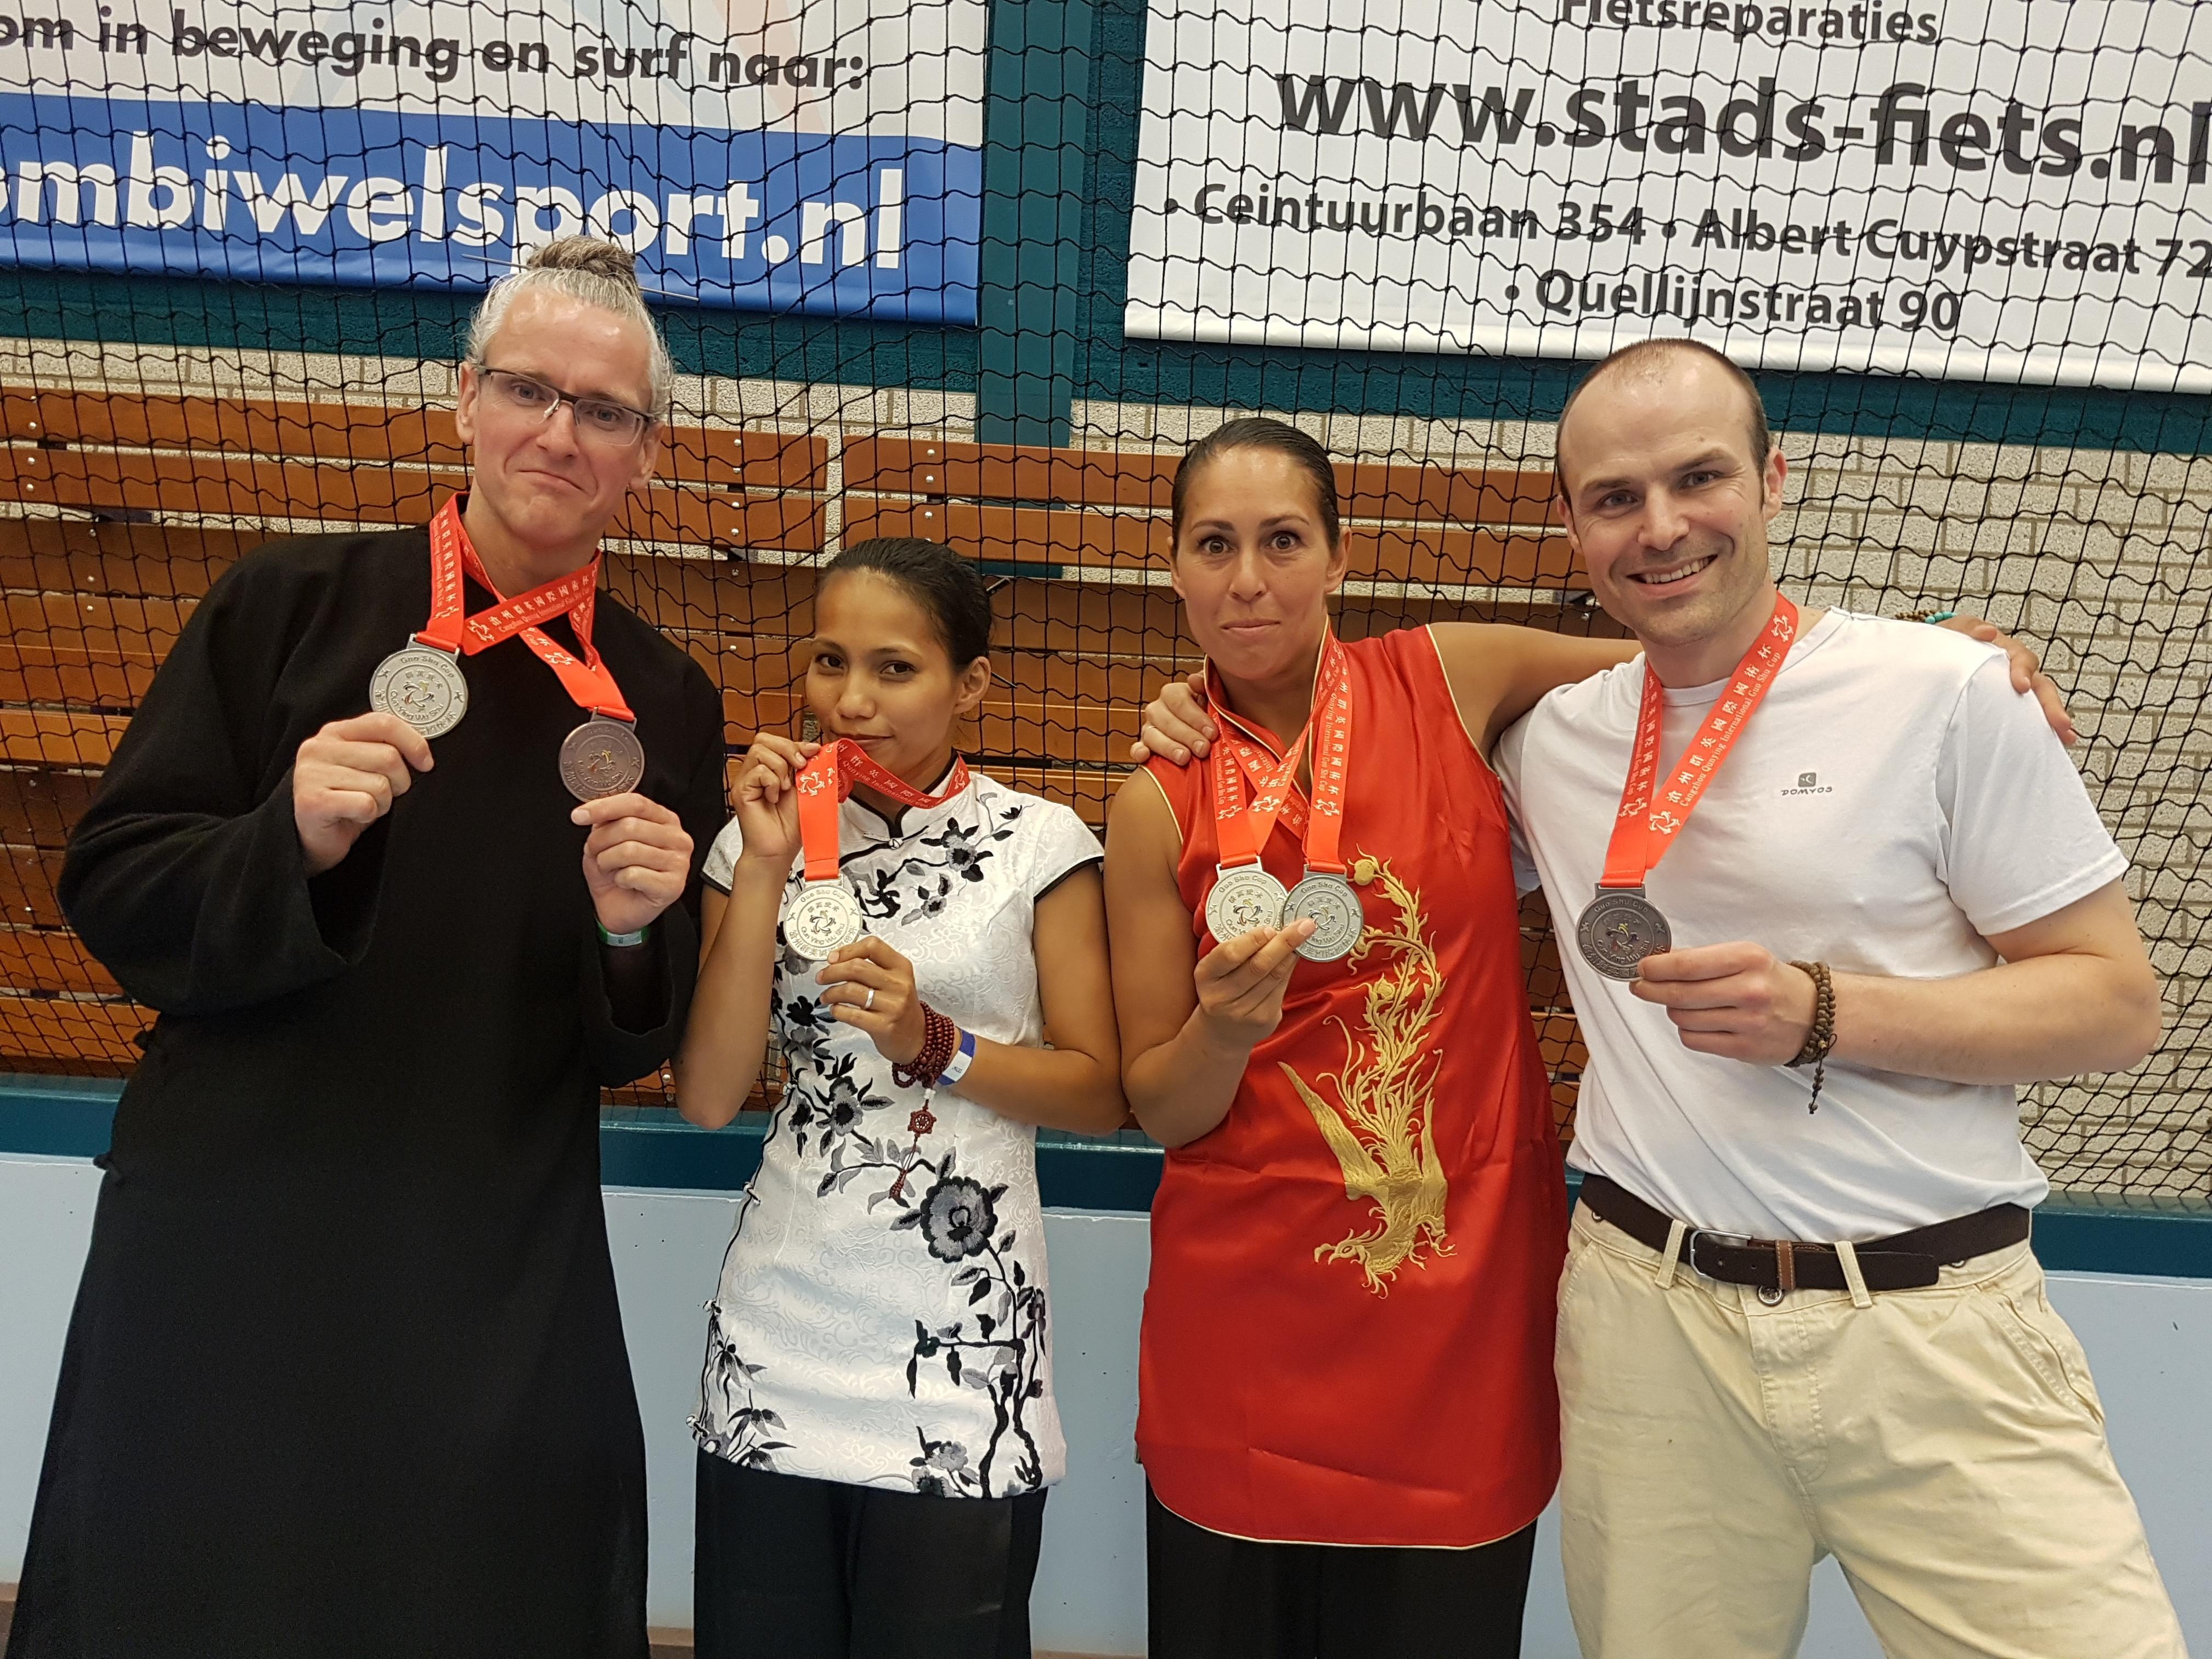 Apeldoorn wint 6 medailles in Amsterdam